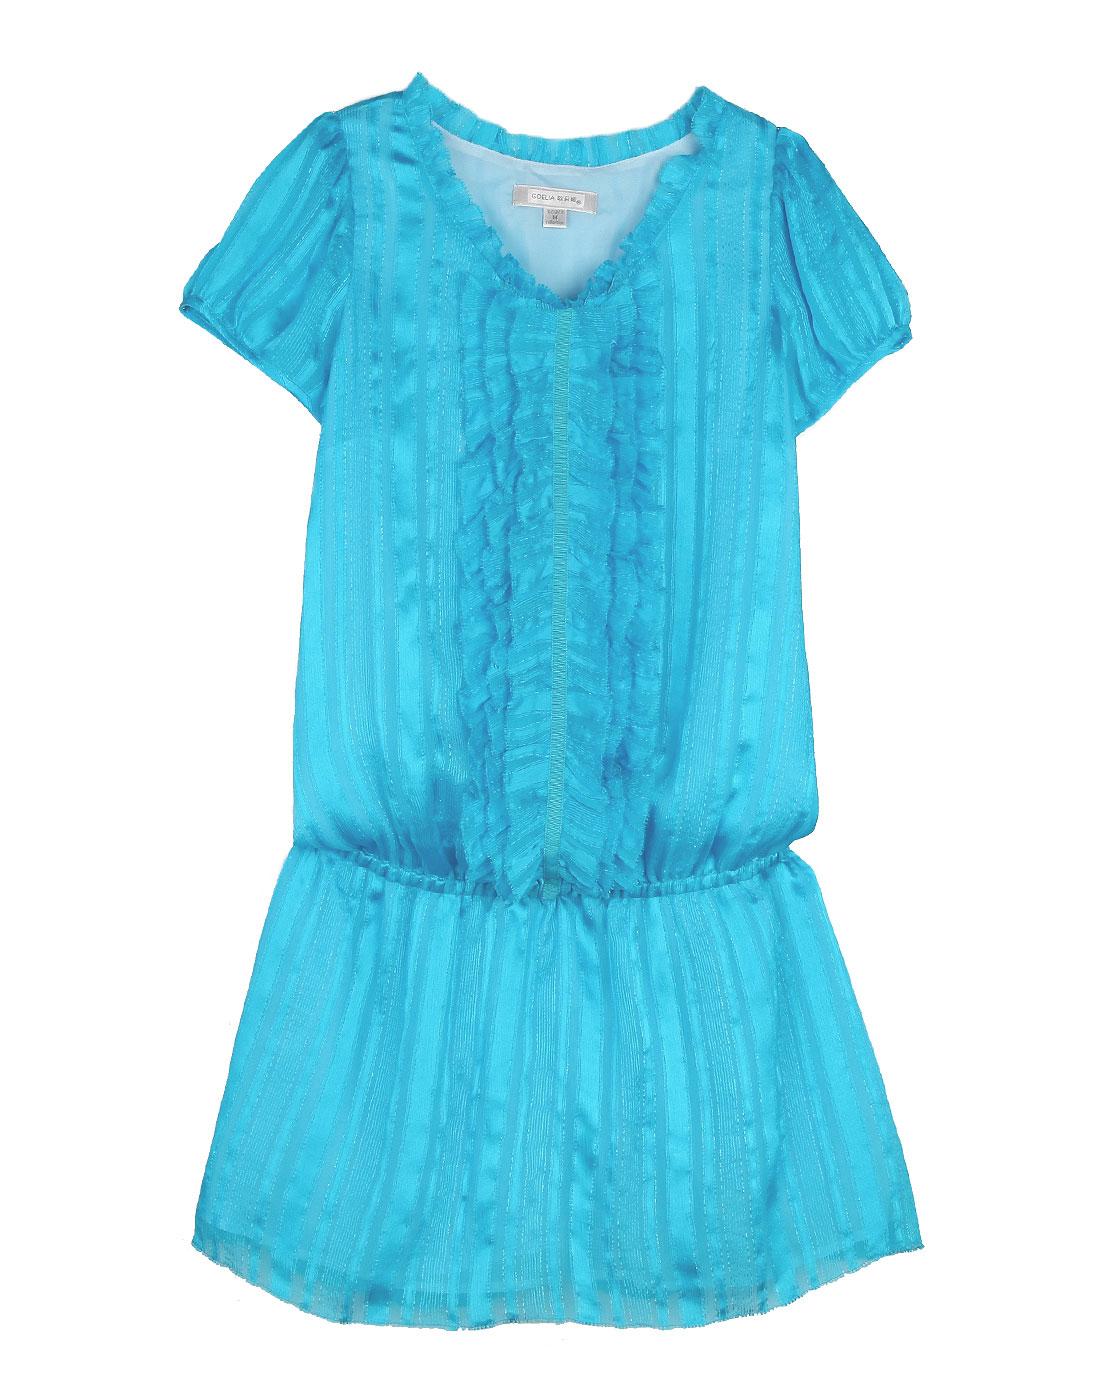 歌莉娅连衣裙秋装图片下载分享